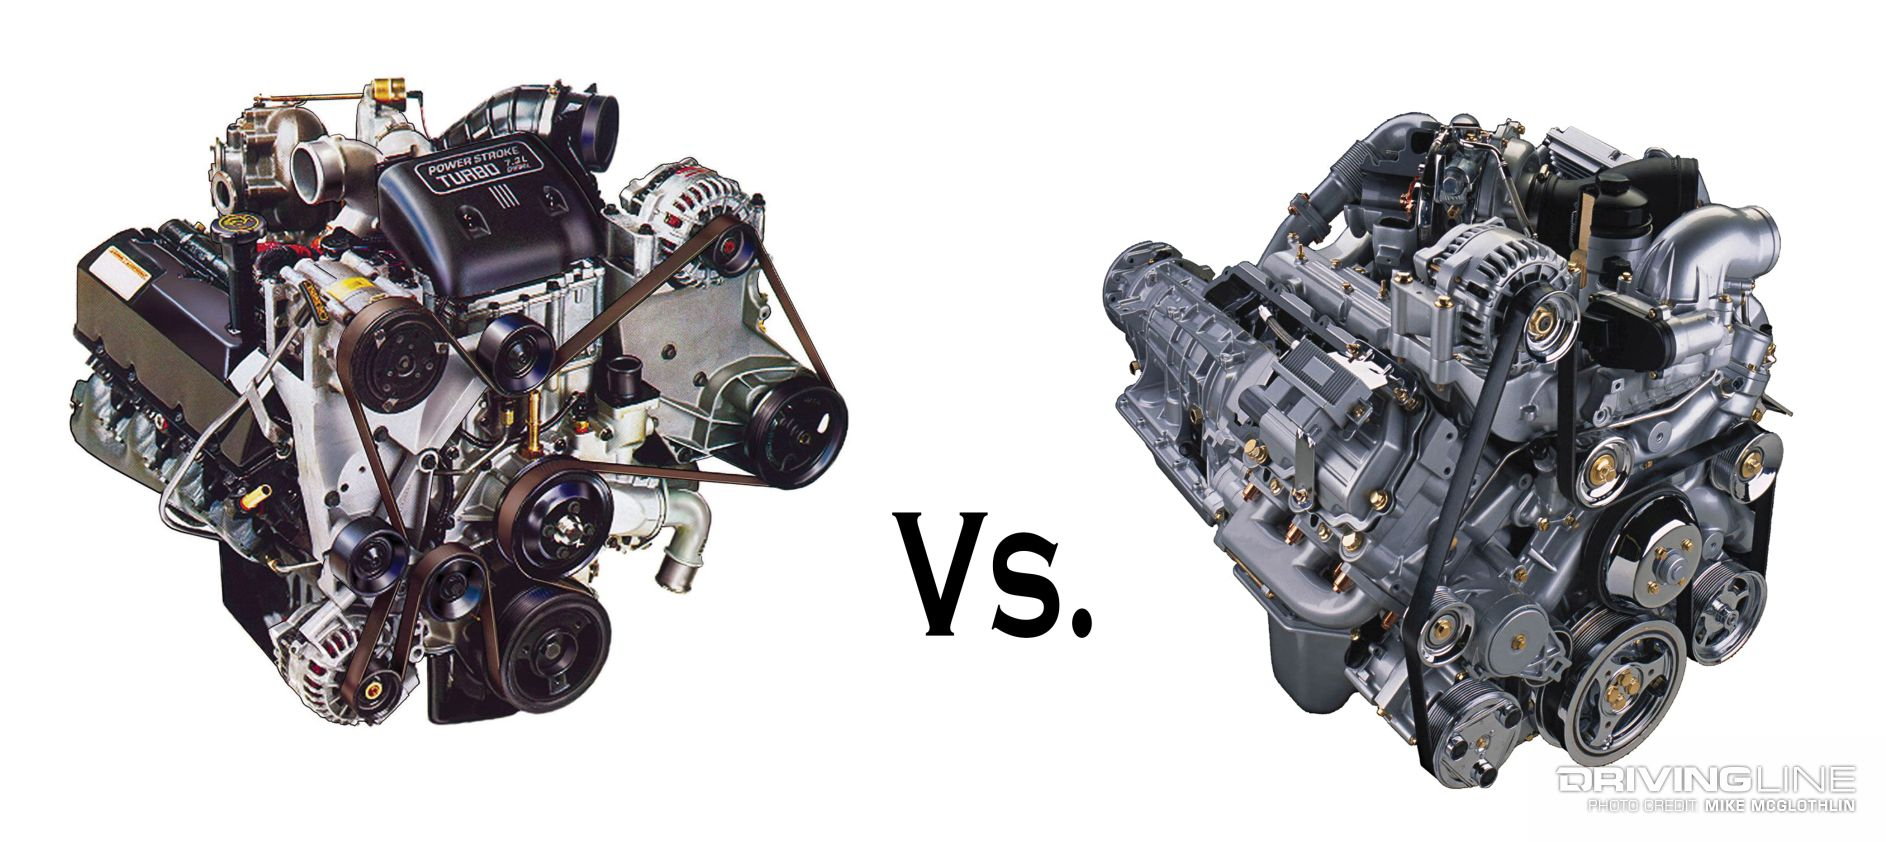 7 3l vs 6 0l which power stroke is really better? drivingline001 7 3 power stroke vs 6 0